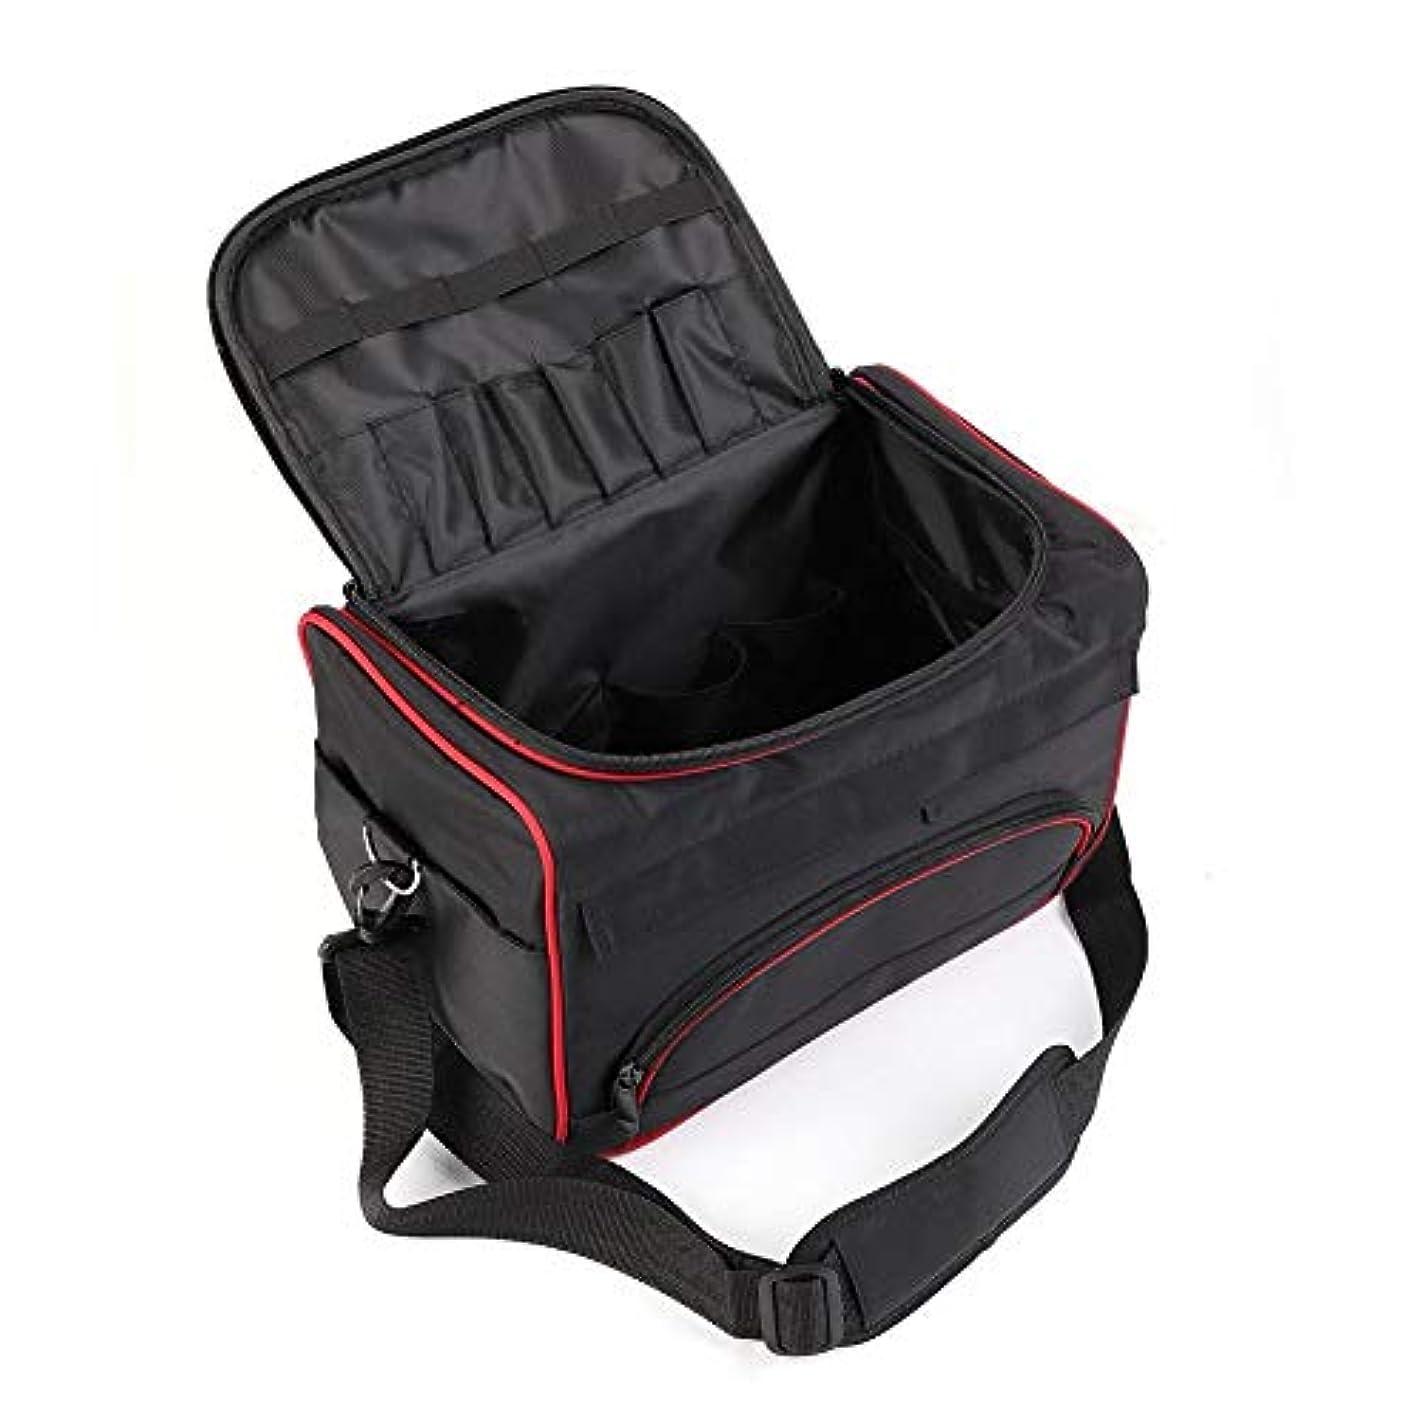 知的スライスがっかりした美容ツールバッグ ハンドバッグ 大型 美容サロン ポータブル バッグ ヘアスタイルケース くし/ドライヤー/かつら 旅行用